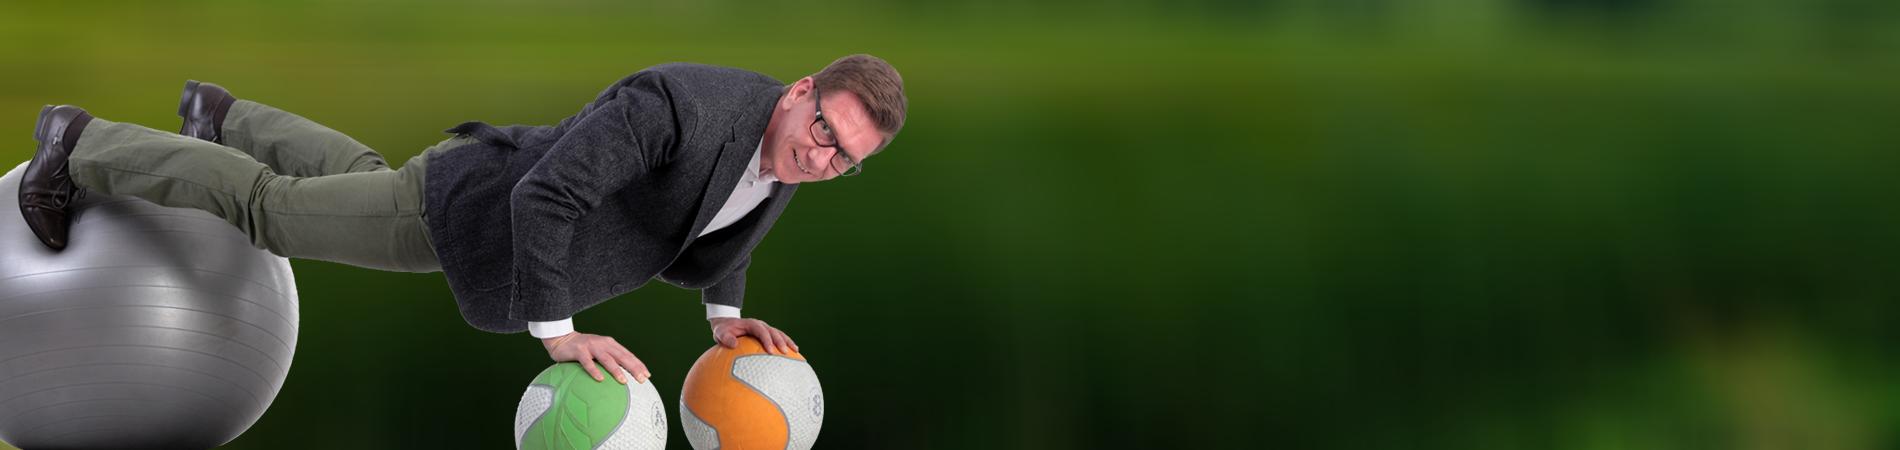 stoll-balance-ball